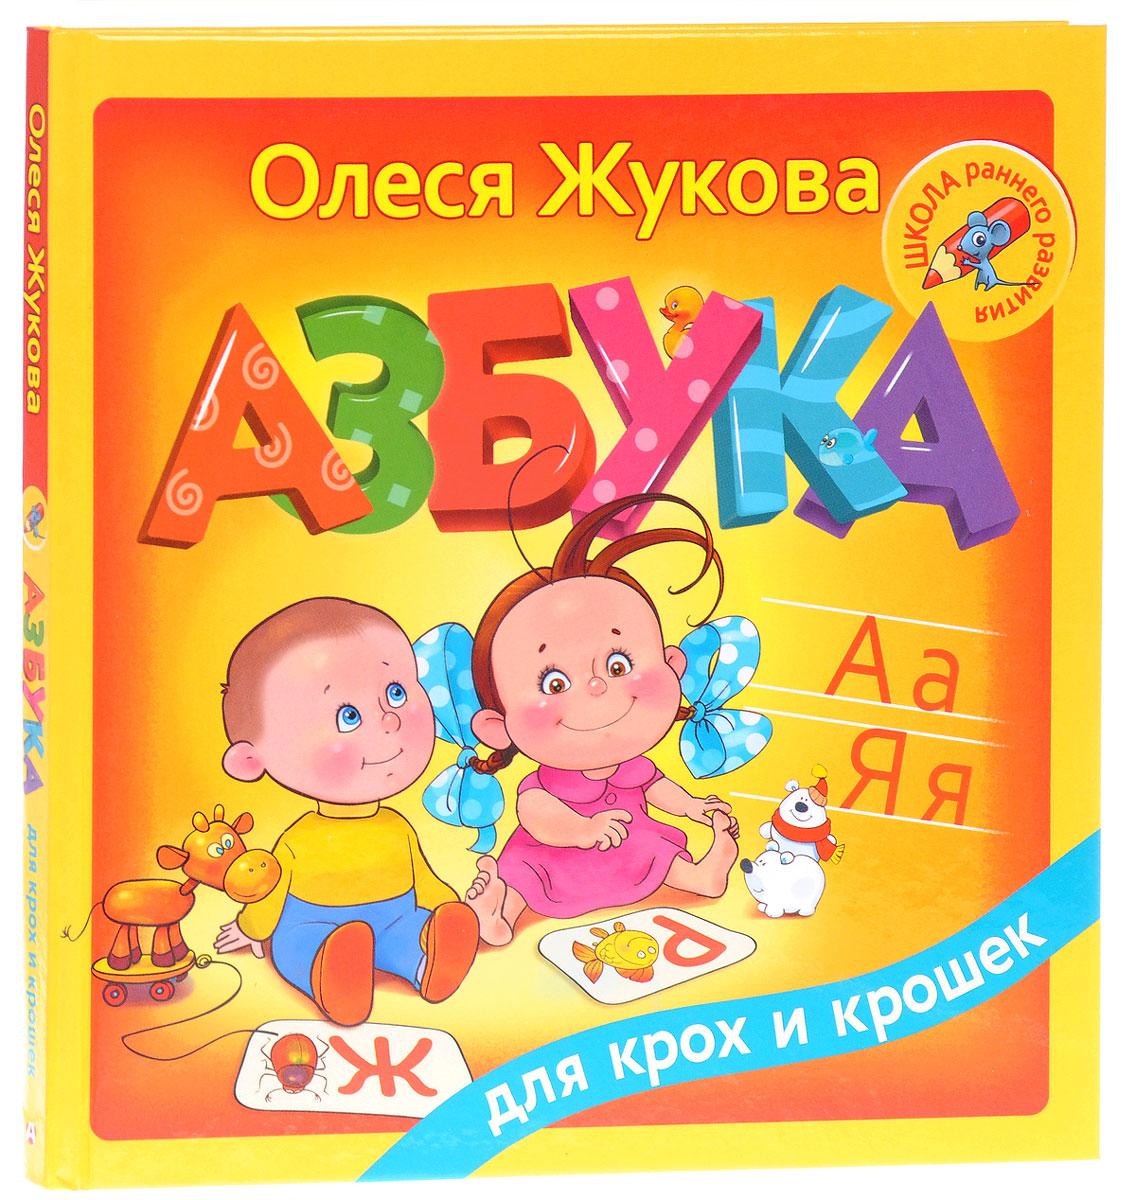 Олеся Жукова Азбука для крох и крошек олеся жукова волшебные прописи для мальчиков учимся писать читать